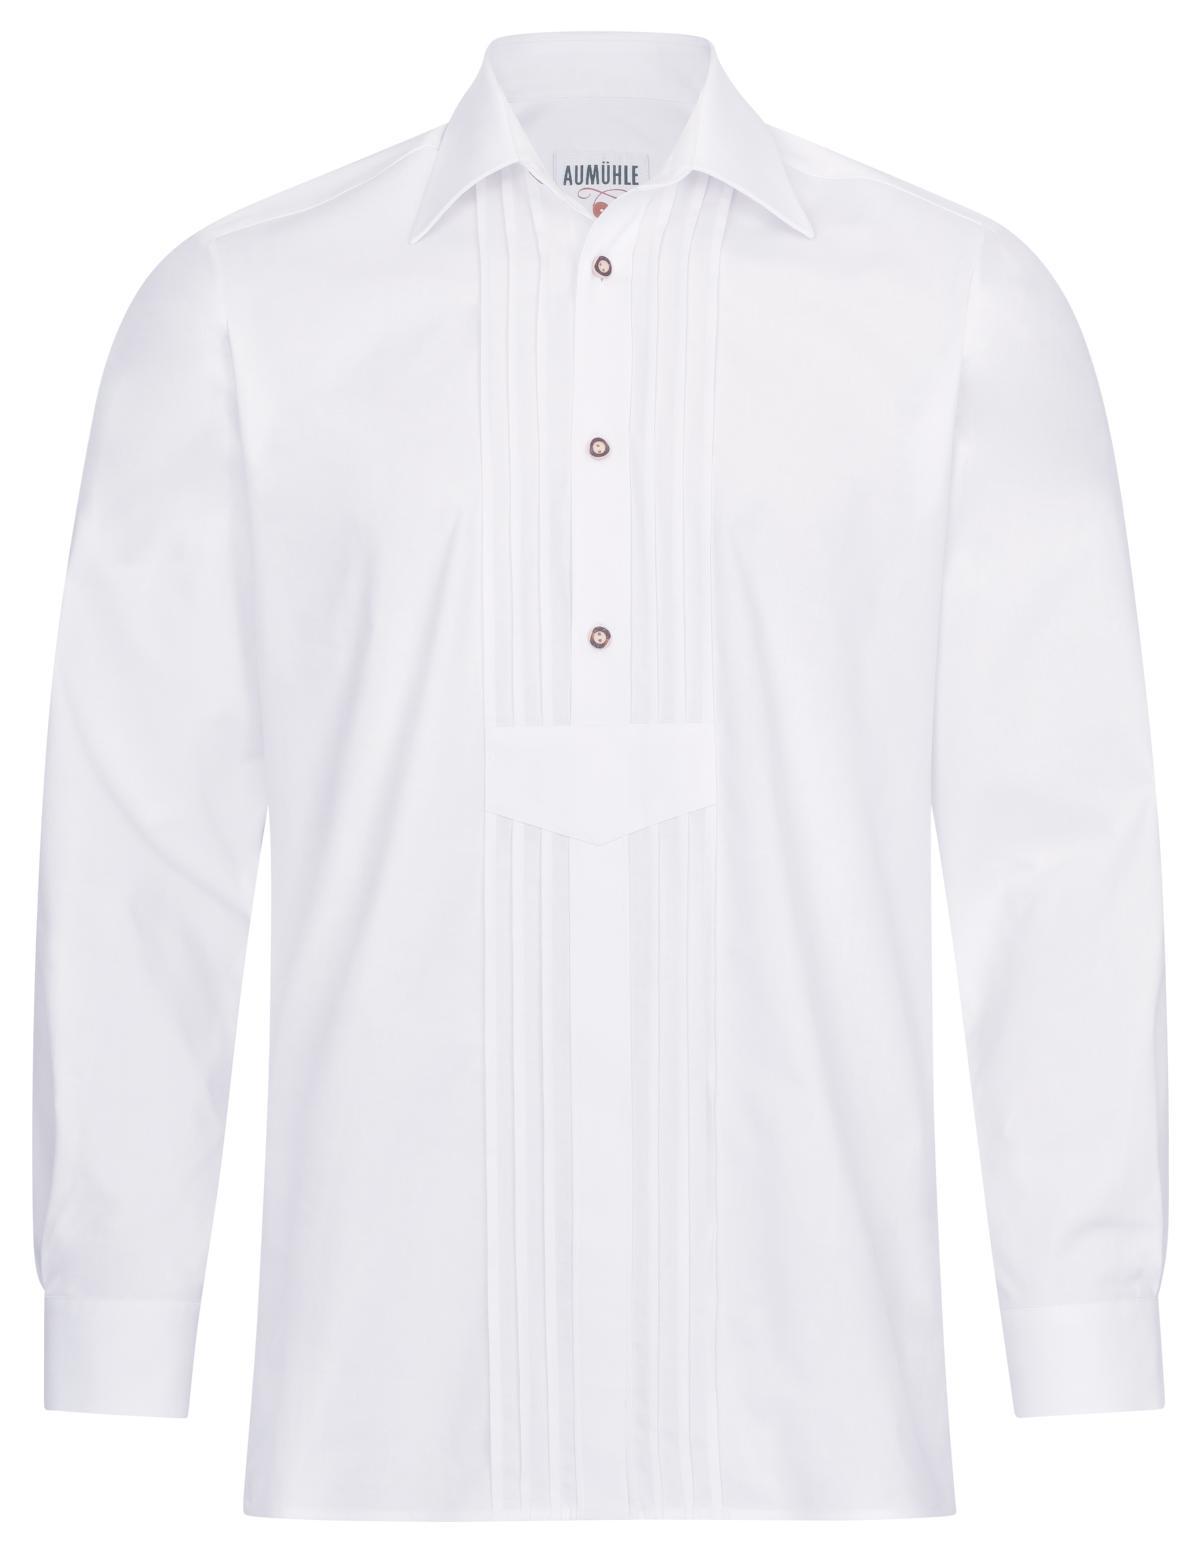 Trachtenhemd - Eichstätt